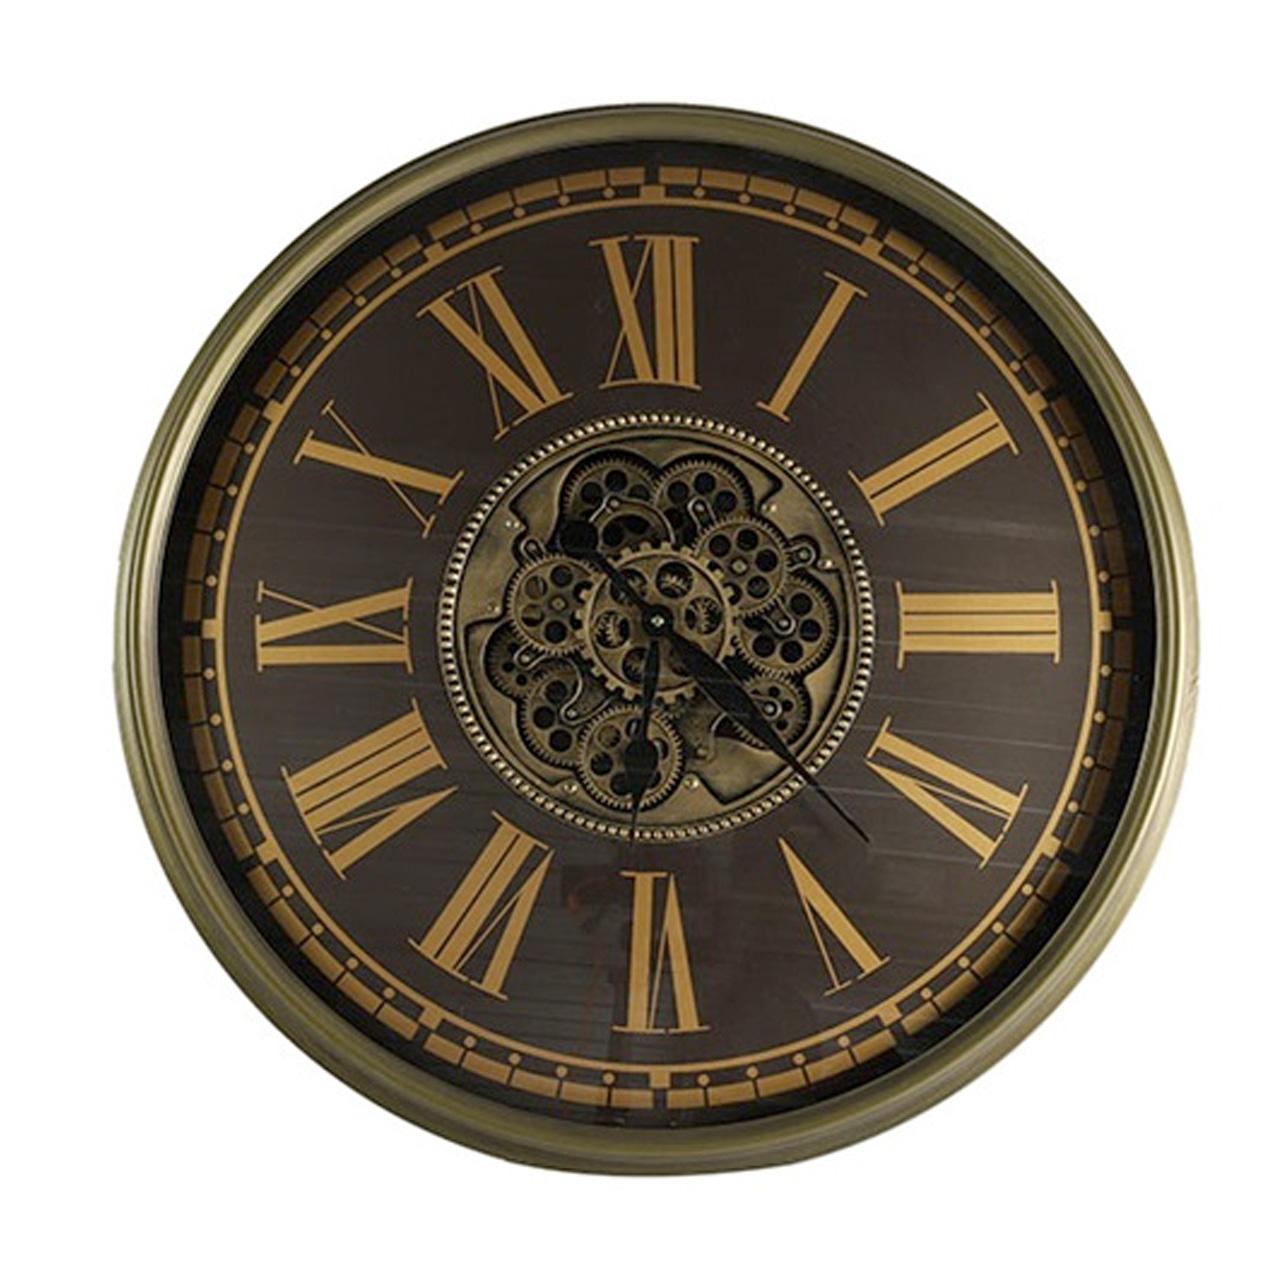 Uhr St. Gallen